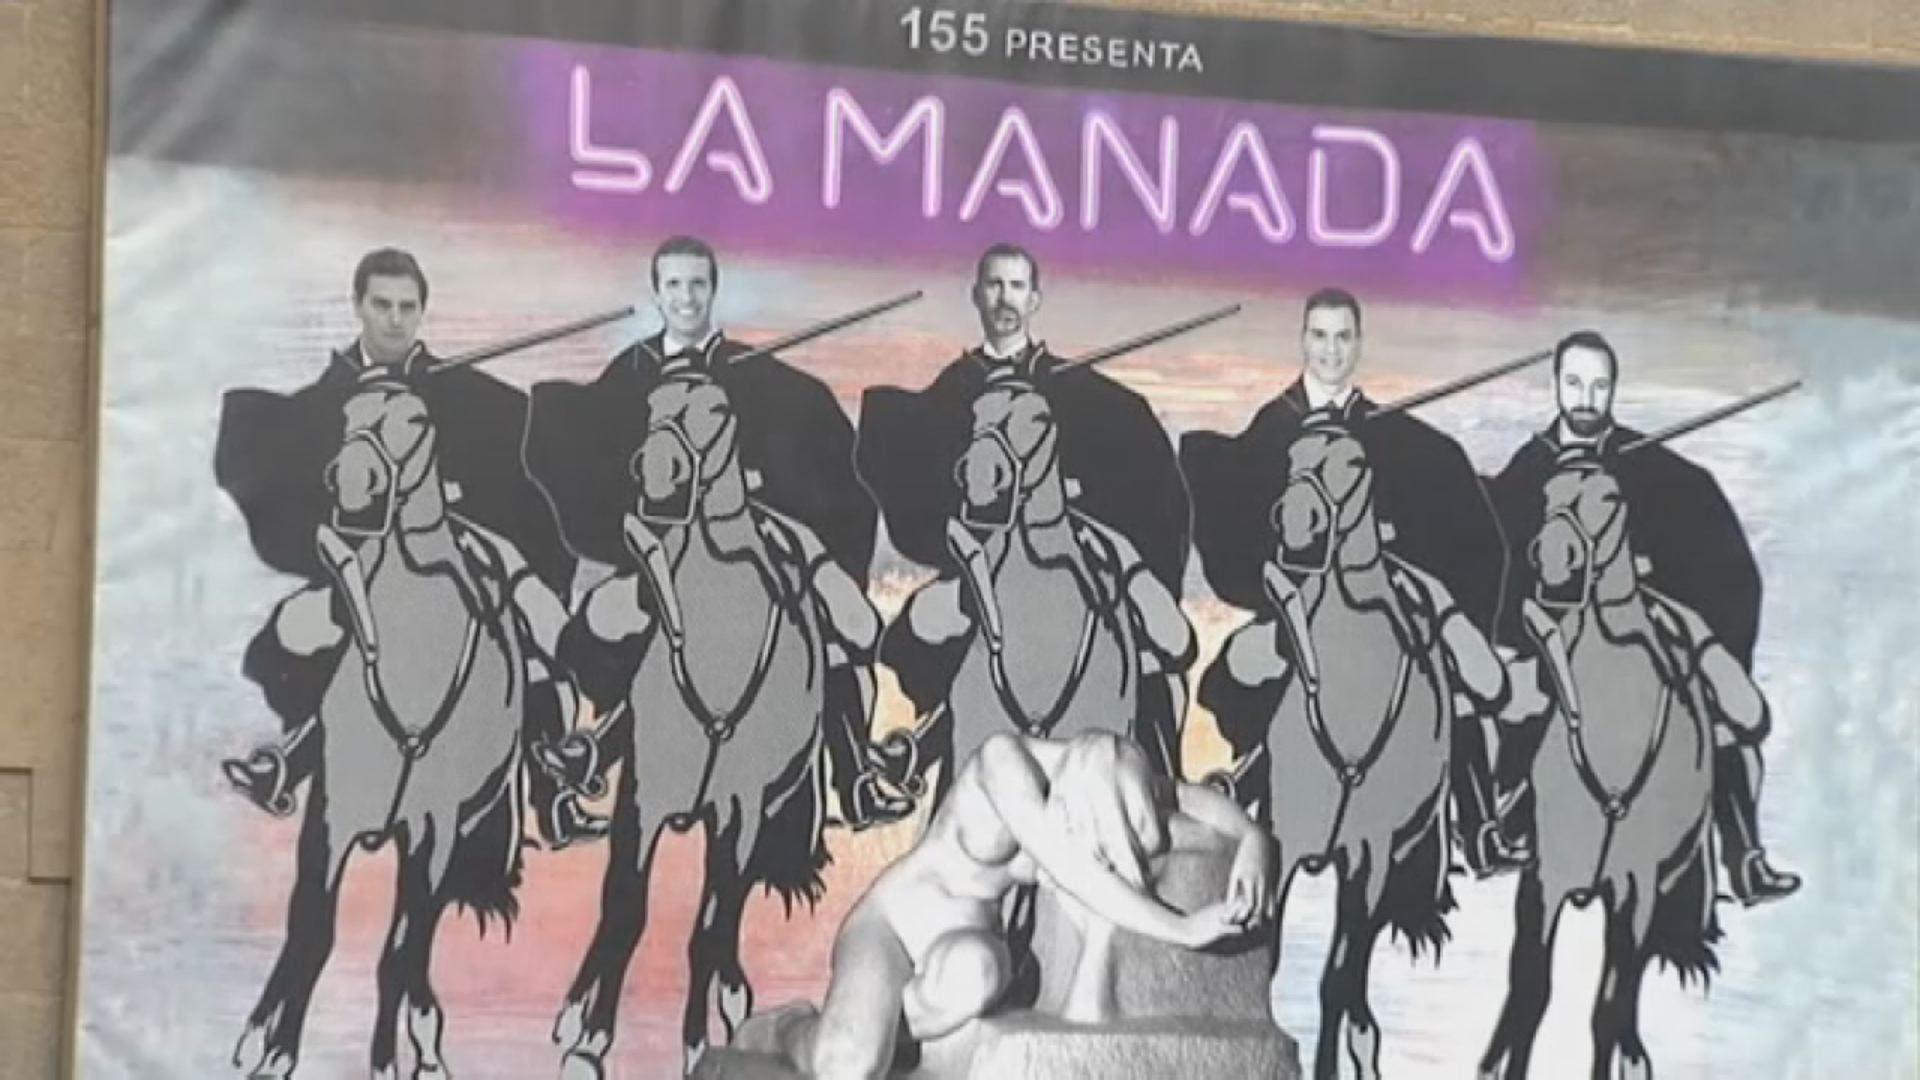 Polémico mural en Olot: compara a los líderes políticos con «La Manada»